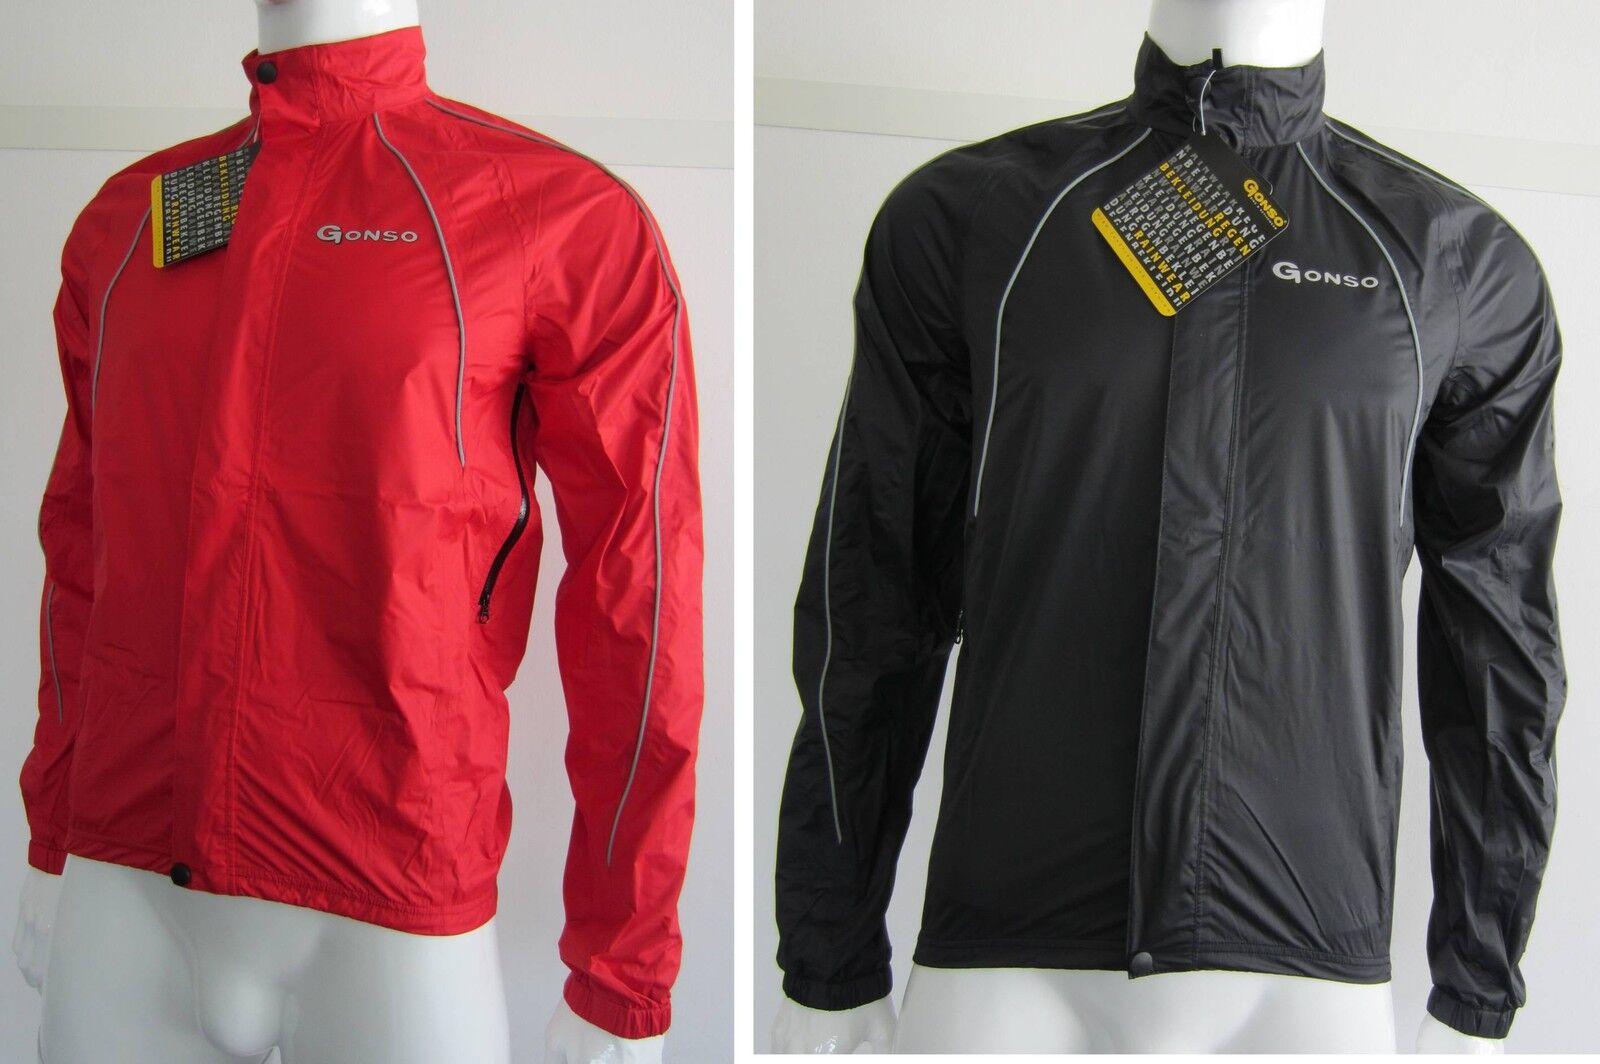 """Caballeros Caballeros Caballeros Gonso lluvia chaqueta """"splash"""" bikejacke negro o. rojo nuevo 32150 alpencross  disfruta ahorrando 30-50% de descuento"""